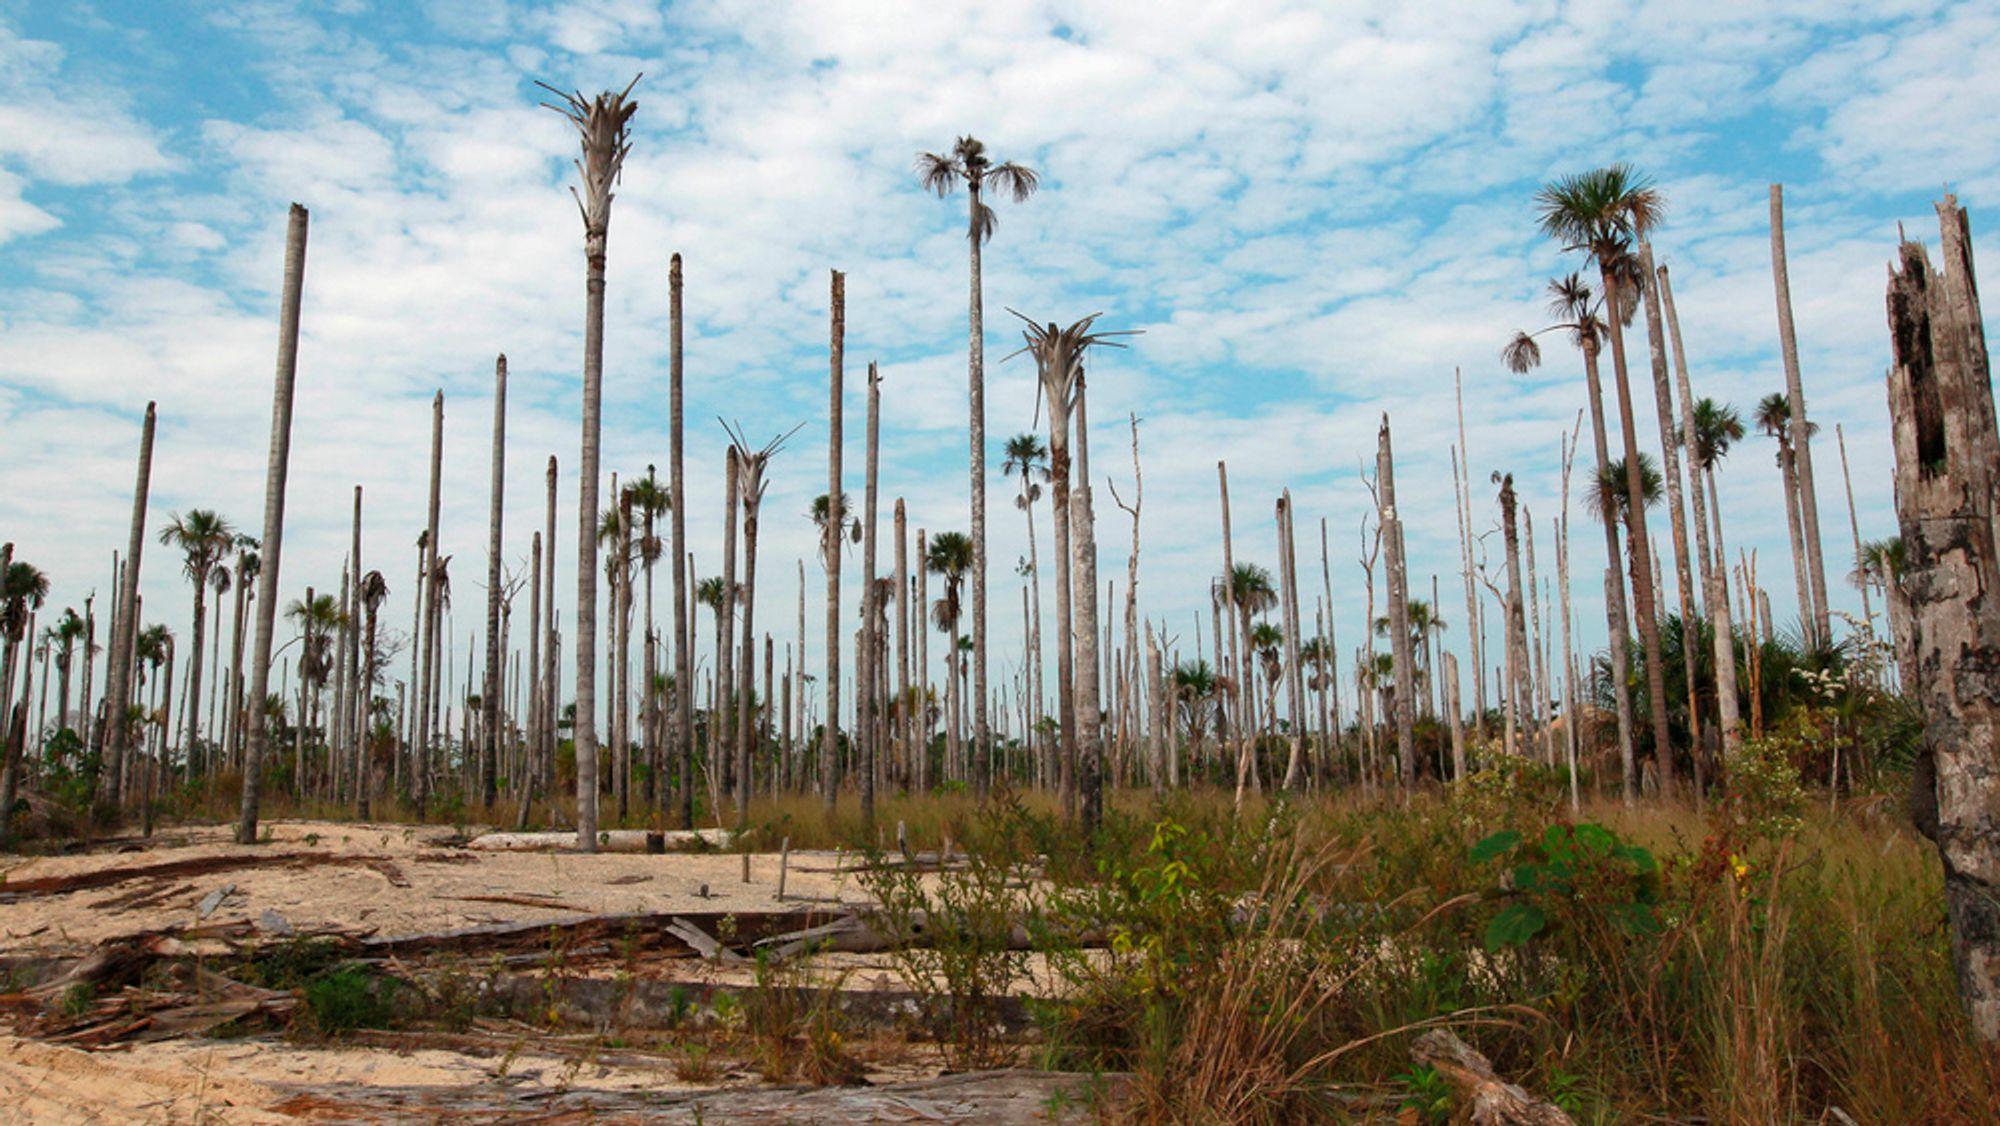 Illegale gullgruver bidrar til å avskoge deler av Amazonas, som her ved Puerto Luz. Minst 18000 hektar skog er forvandlet til ørken i området. De illegale gullgruvene pekes på som en hovedårsak, ved siden av landbruk.